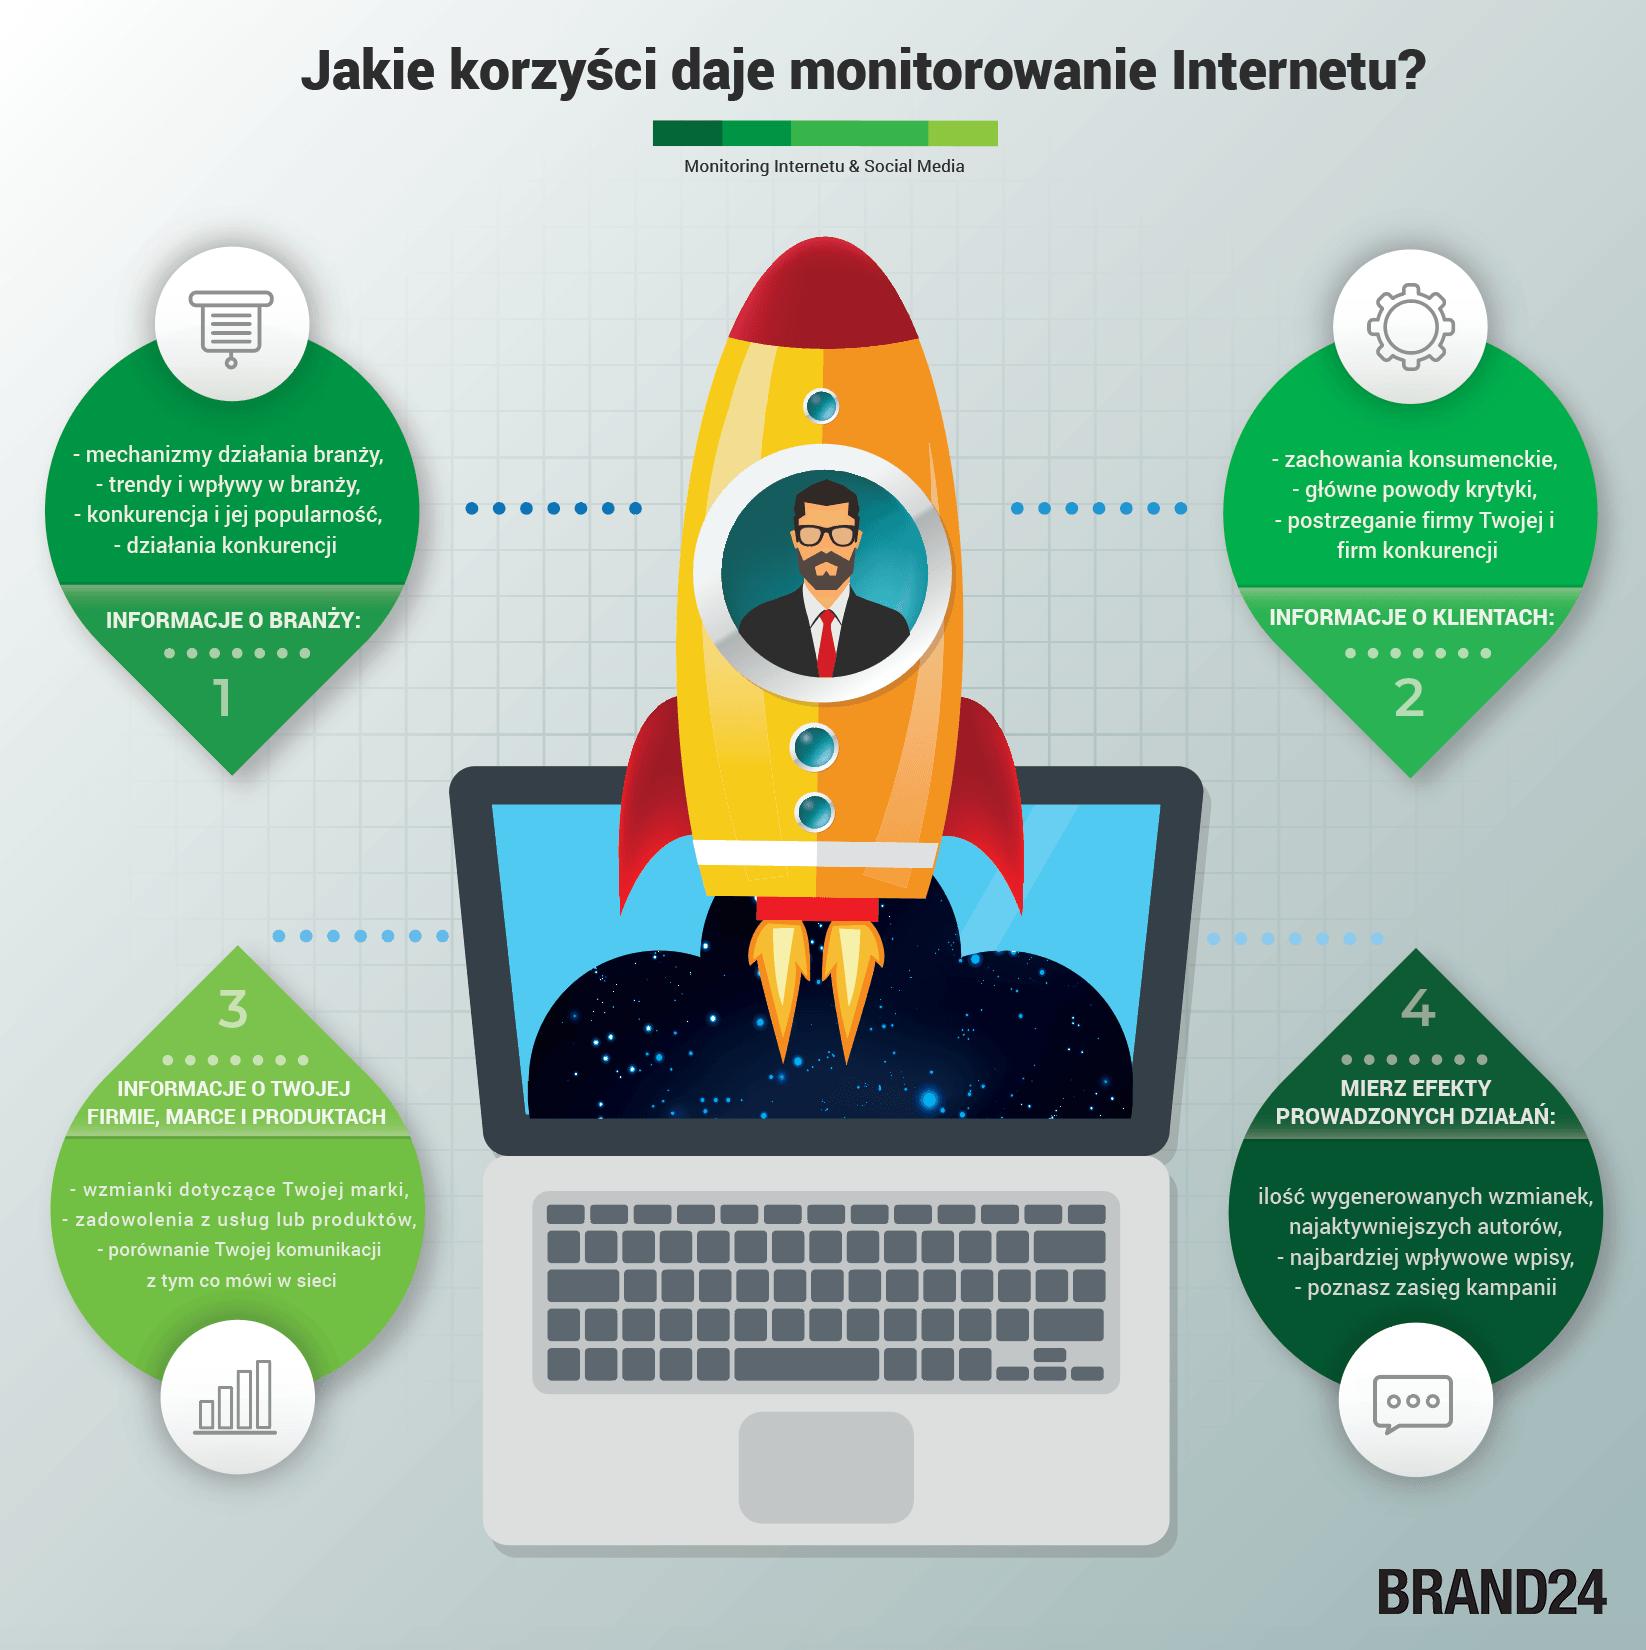 Infografika przedstawiająca korzyści z monitorowania Internetu.